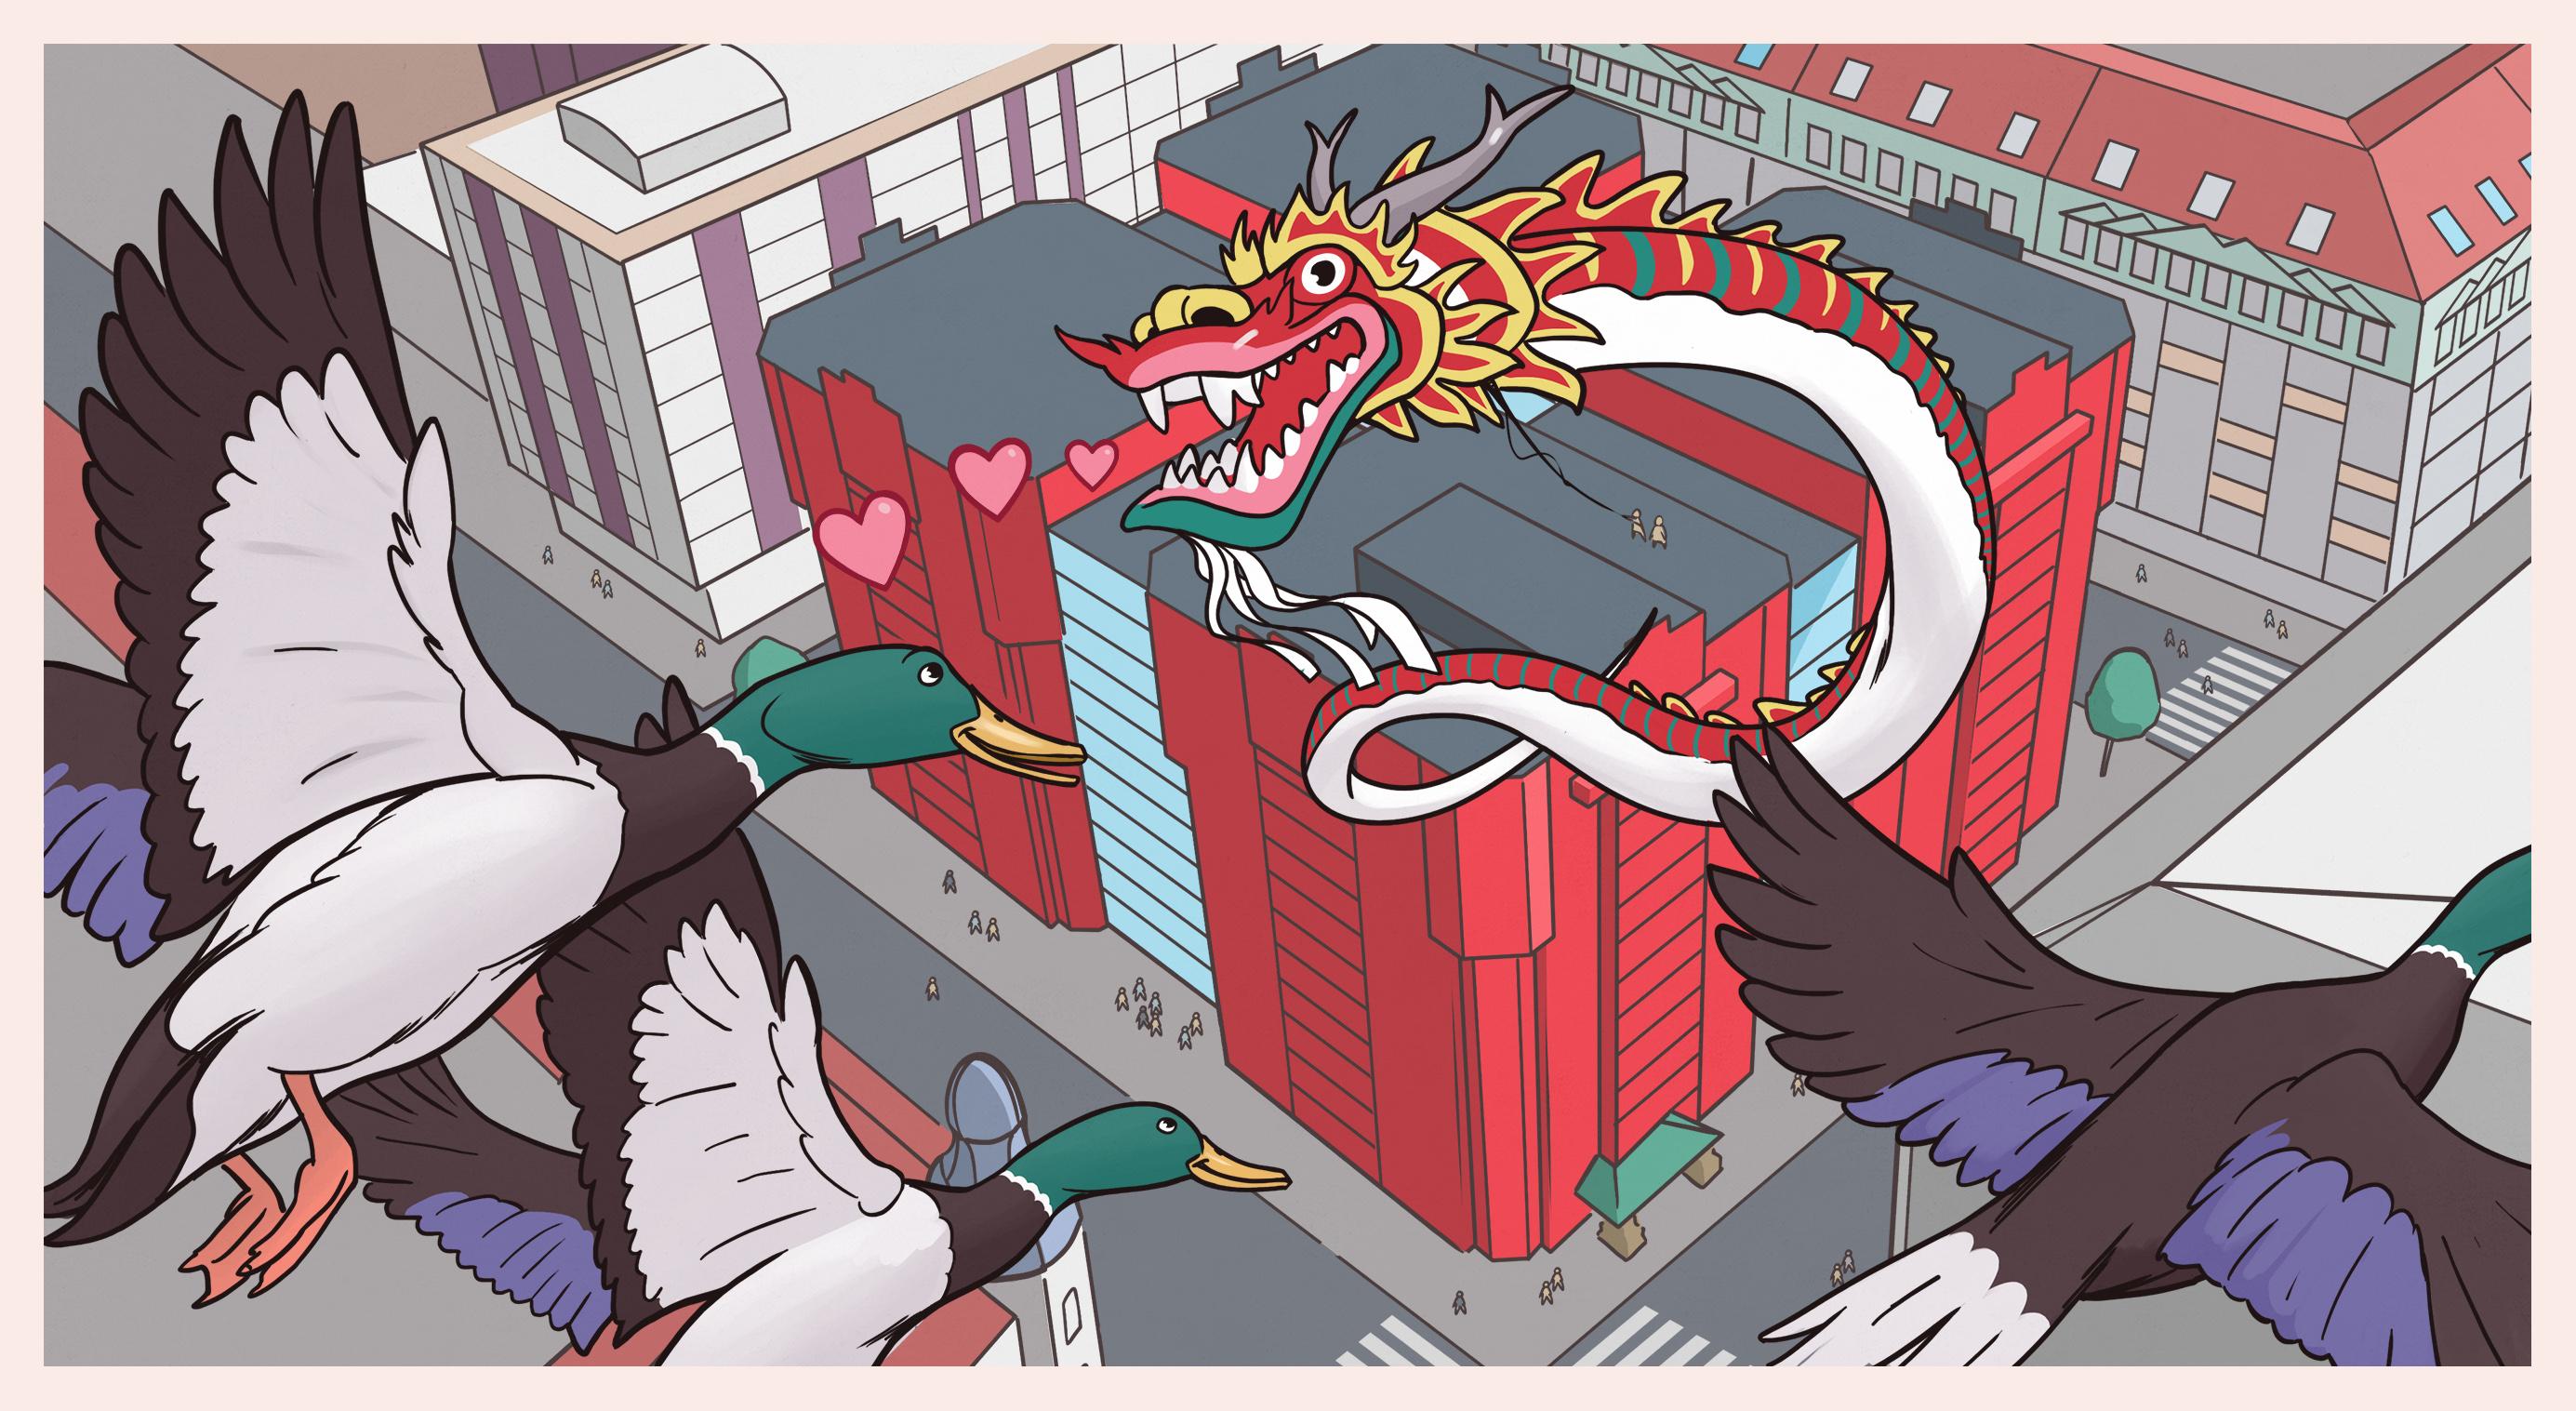 Chinatown #4